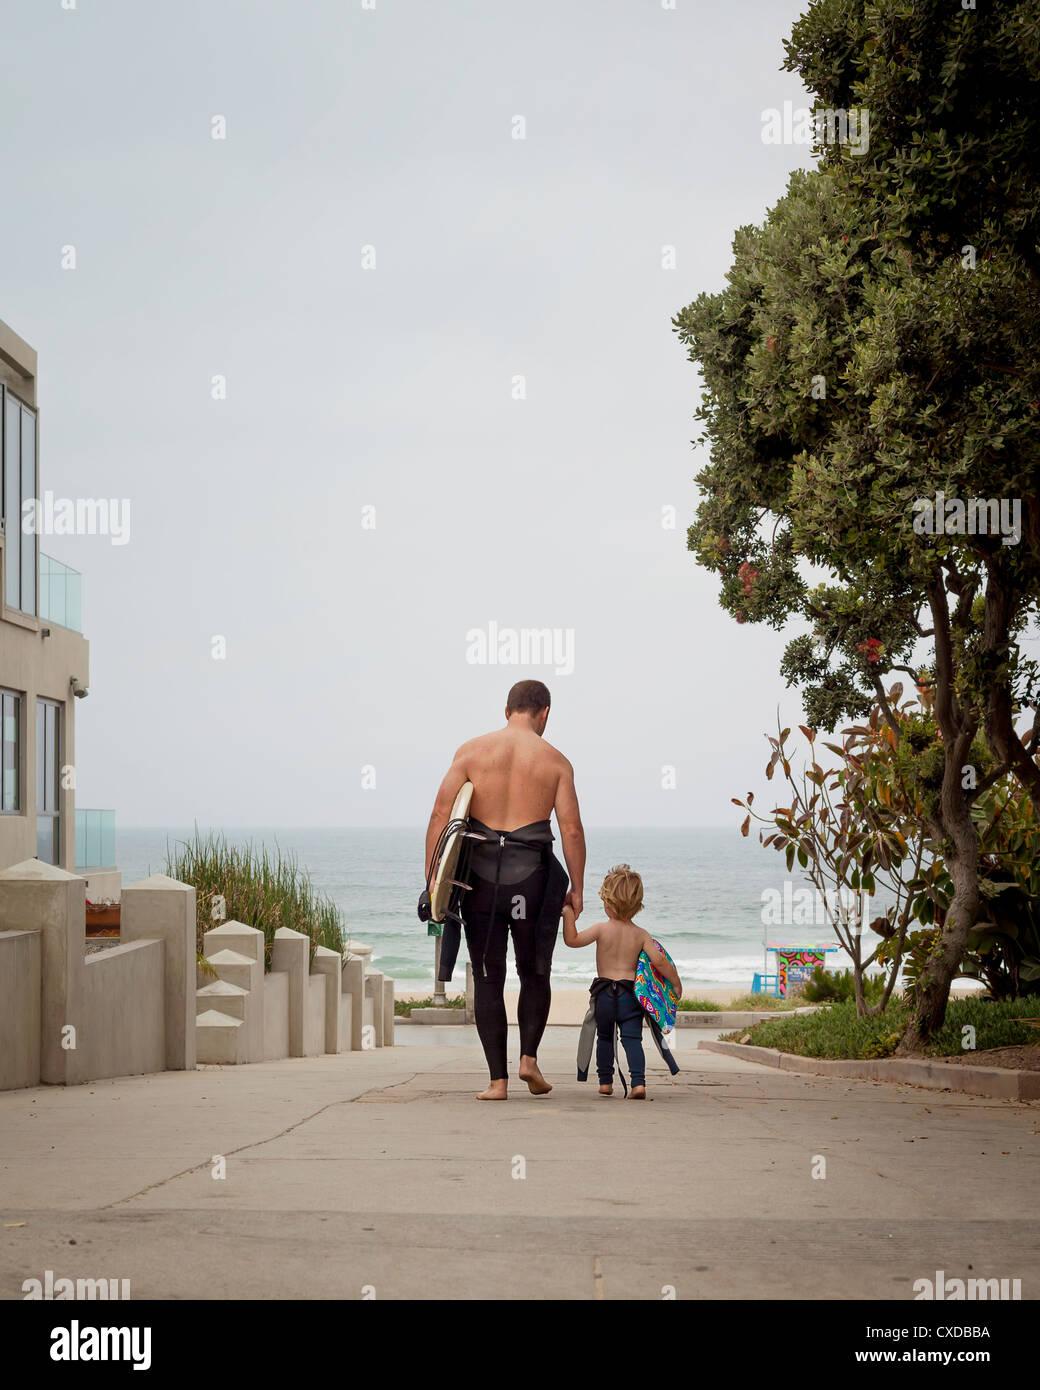 Kaukasische Vater und Sohn in Neoprenanzüge zu Fuß in Richtung Meer Stockfoto